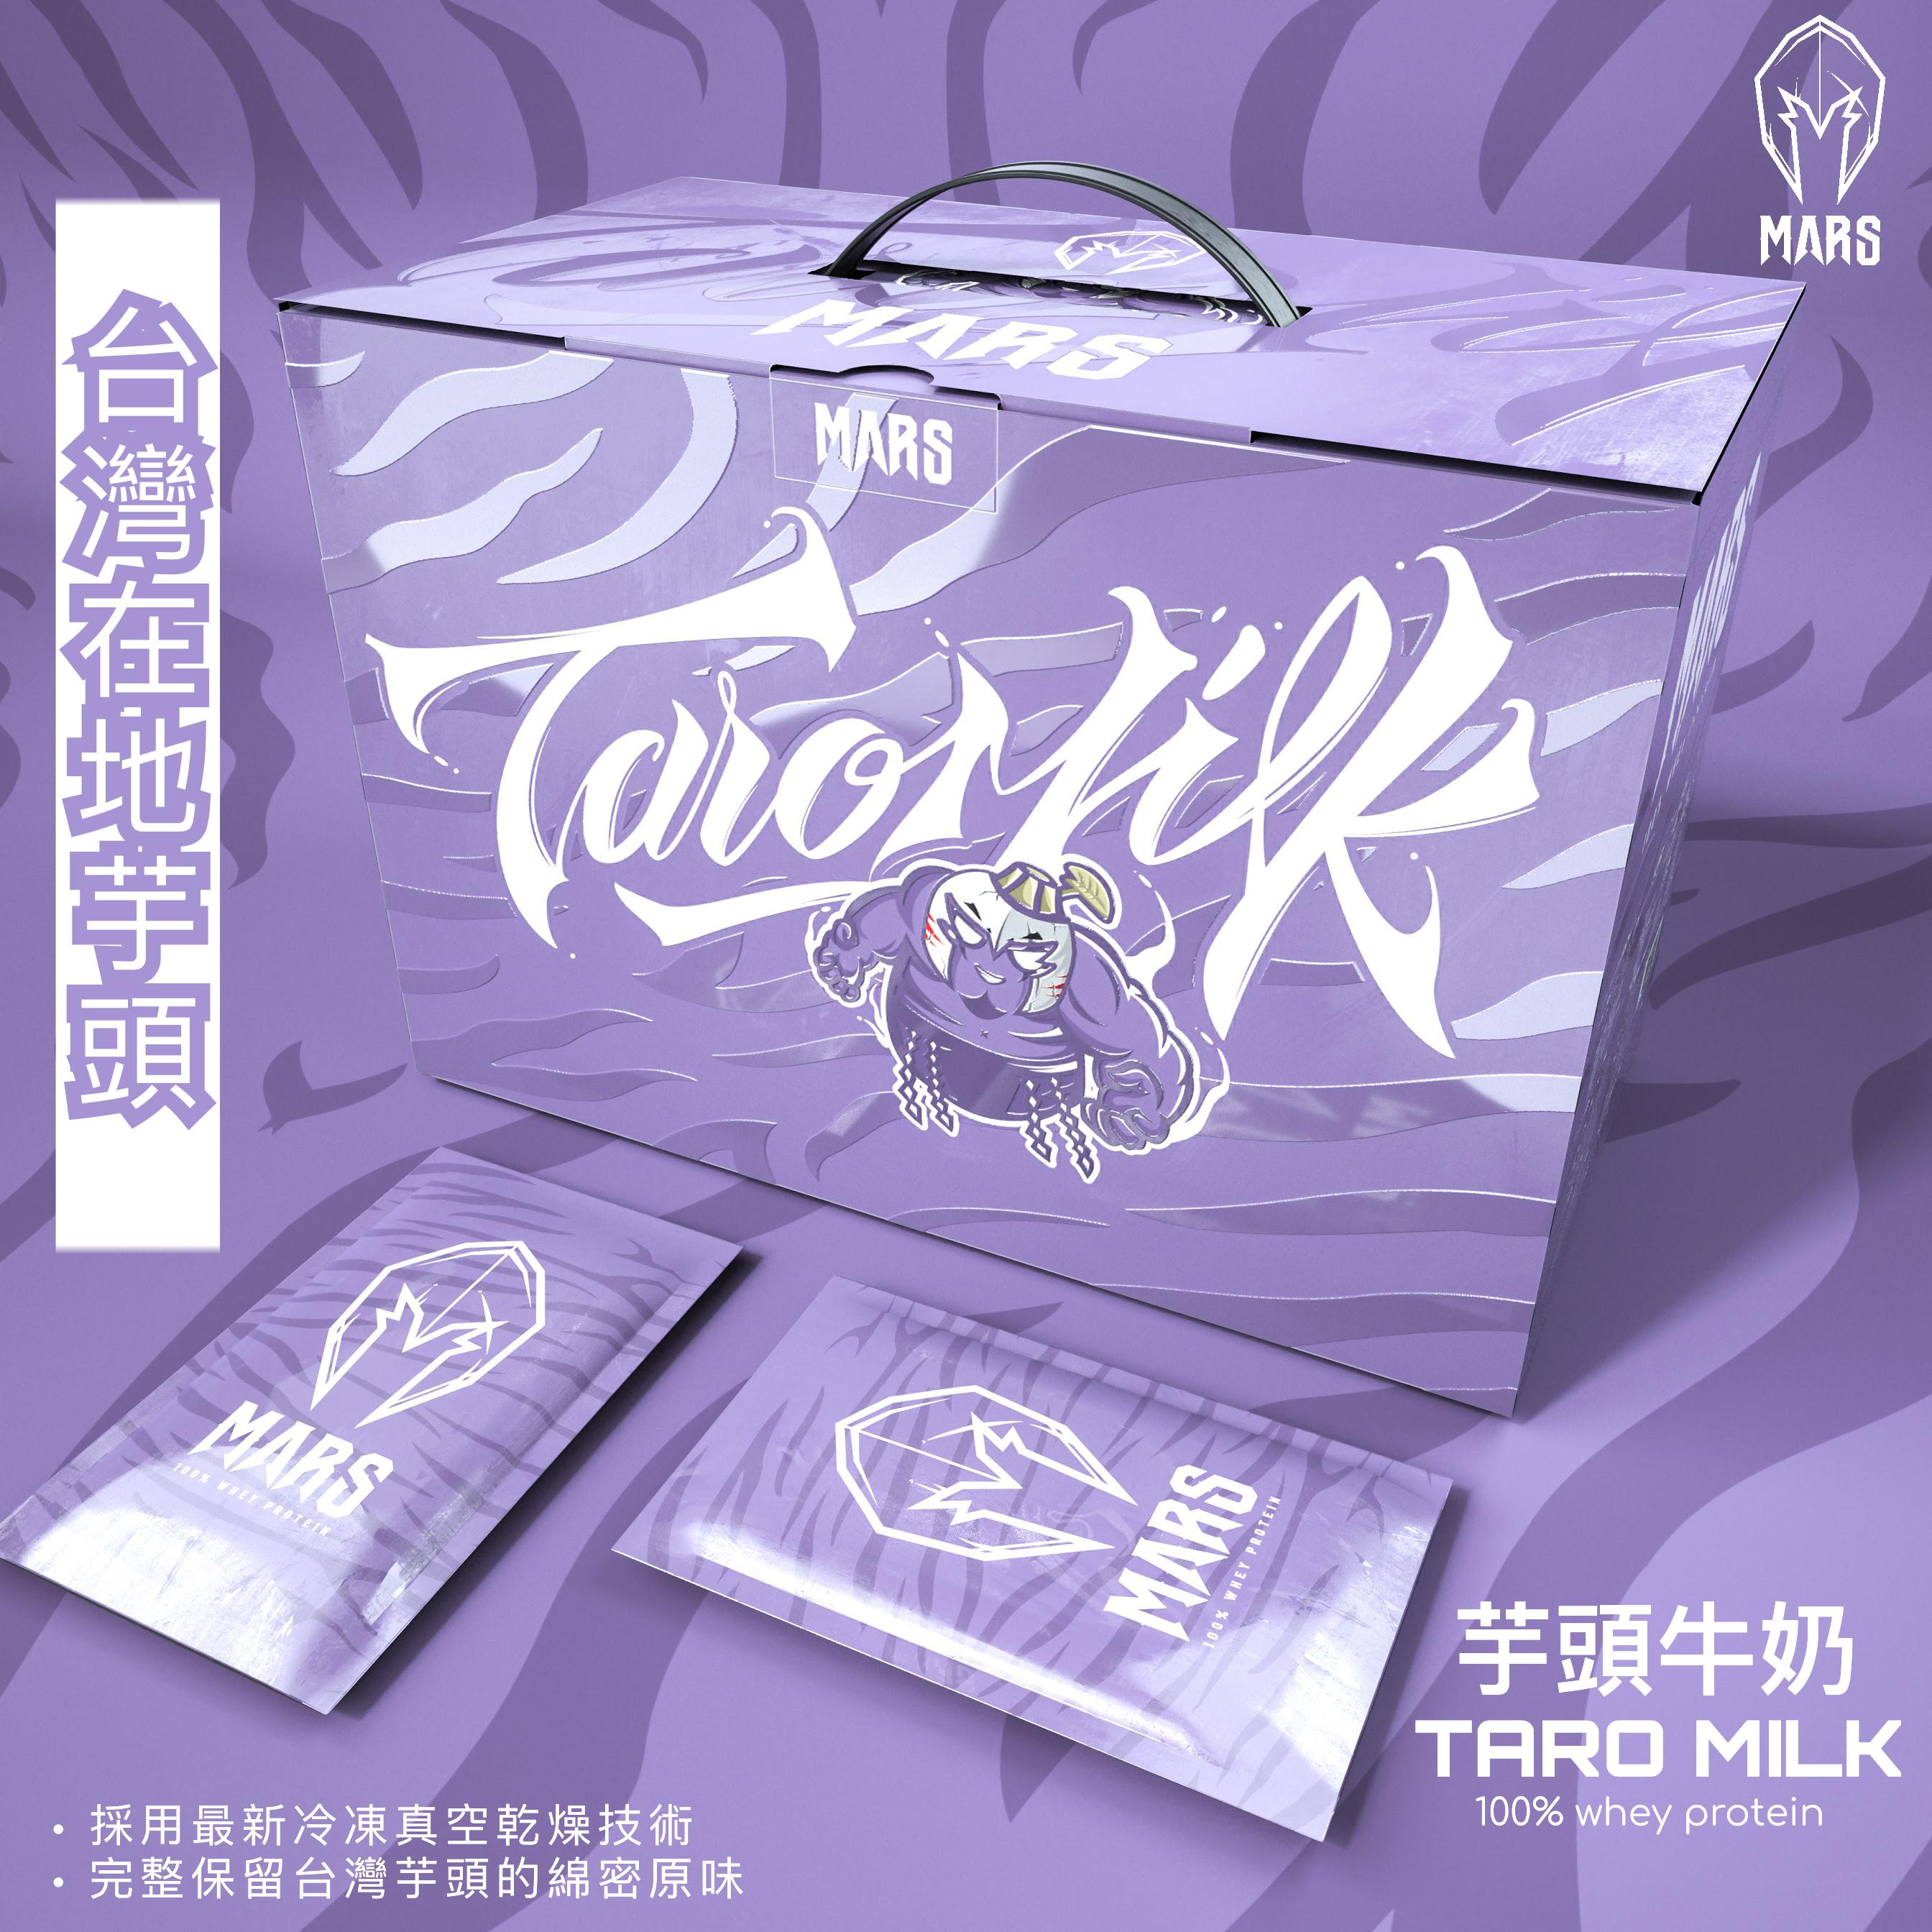 MARS Hong Kong 芋頭乳清蛋白